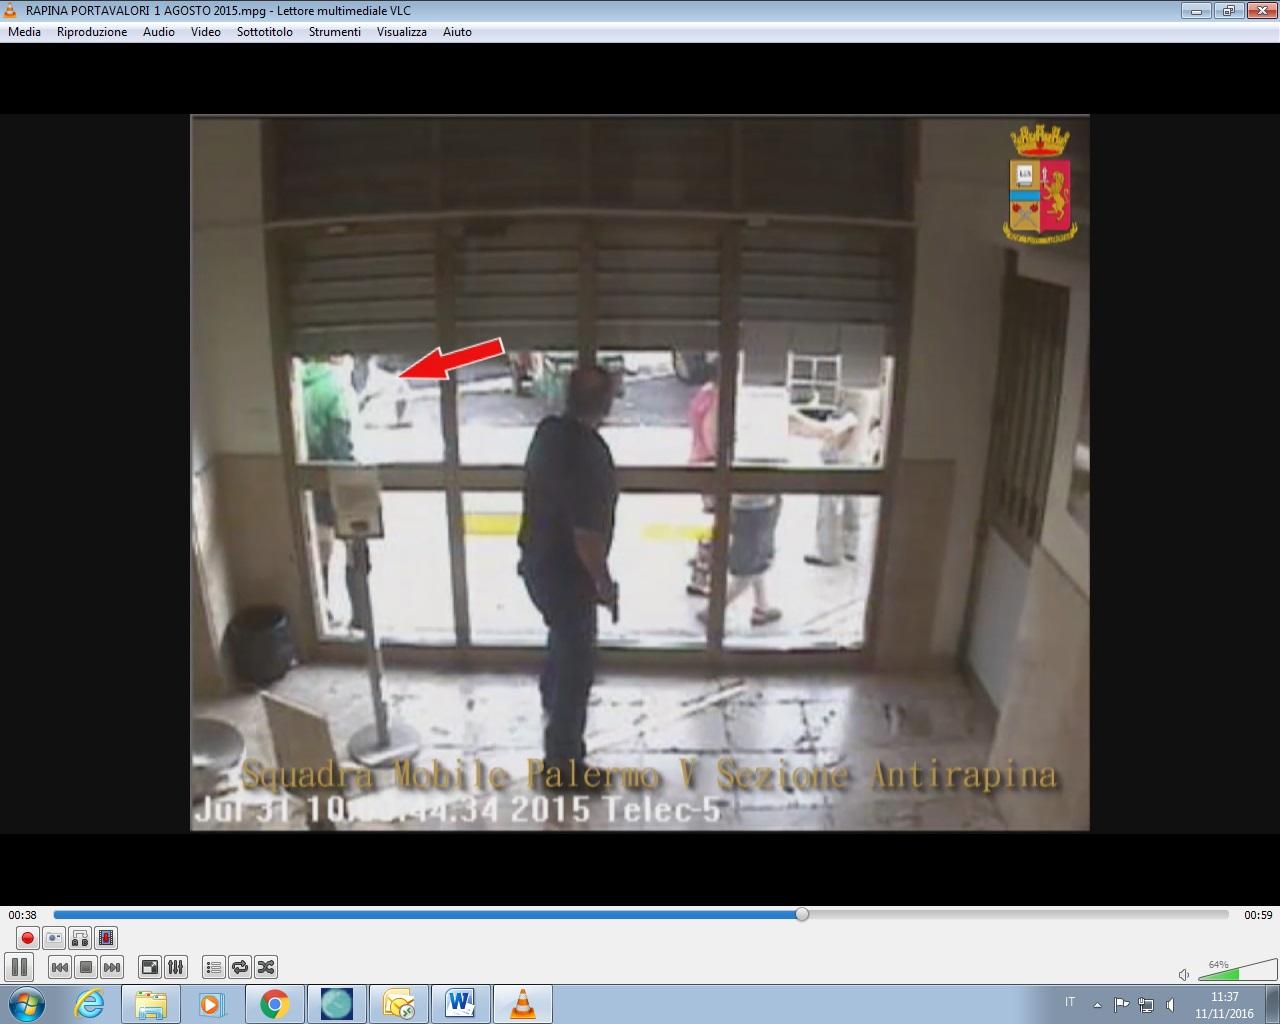 Permesso di soggiorno polizia di stato questure sul web for Stato di polizia permesso di soggiorno